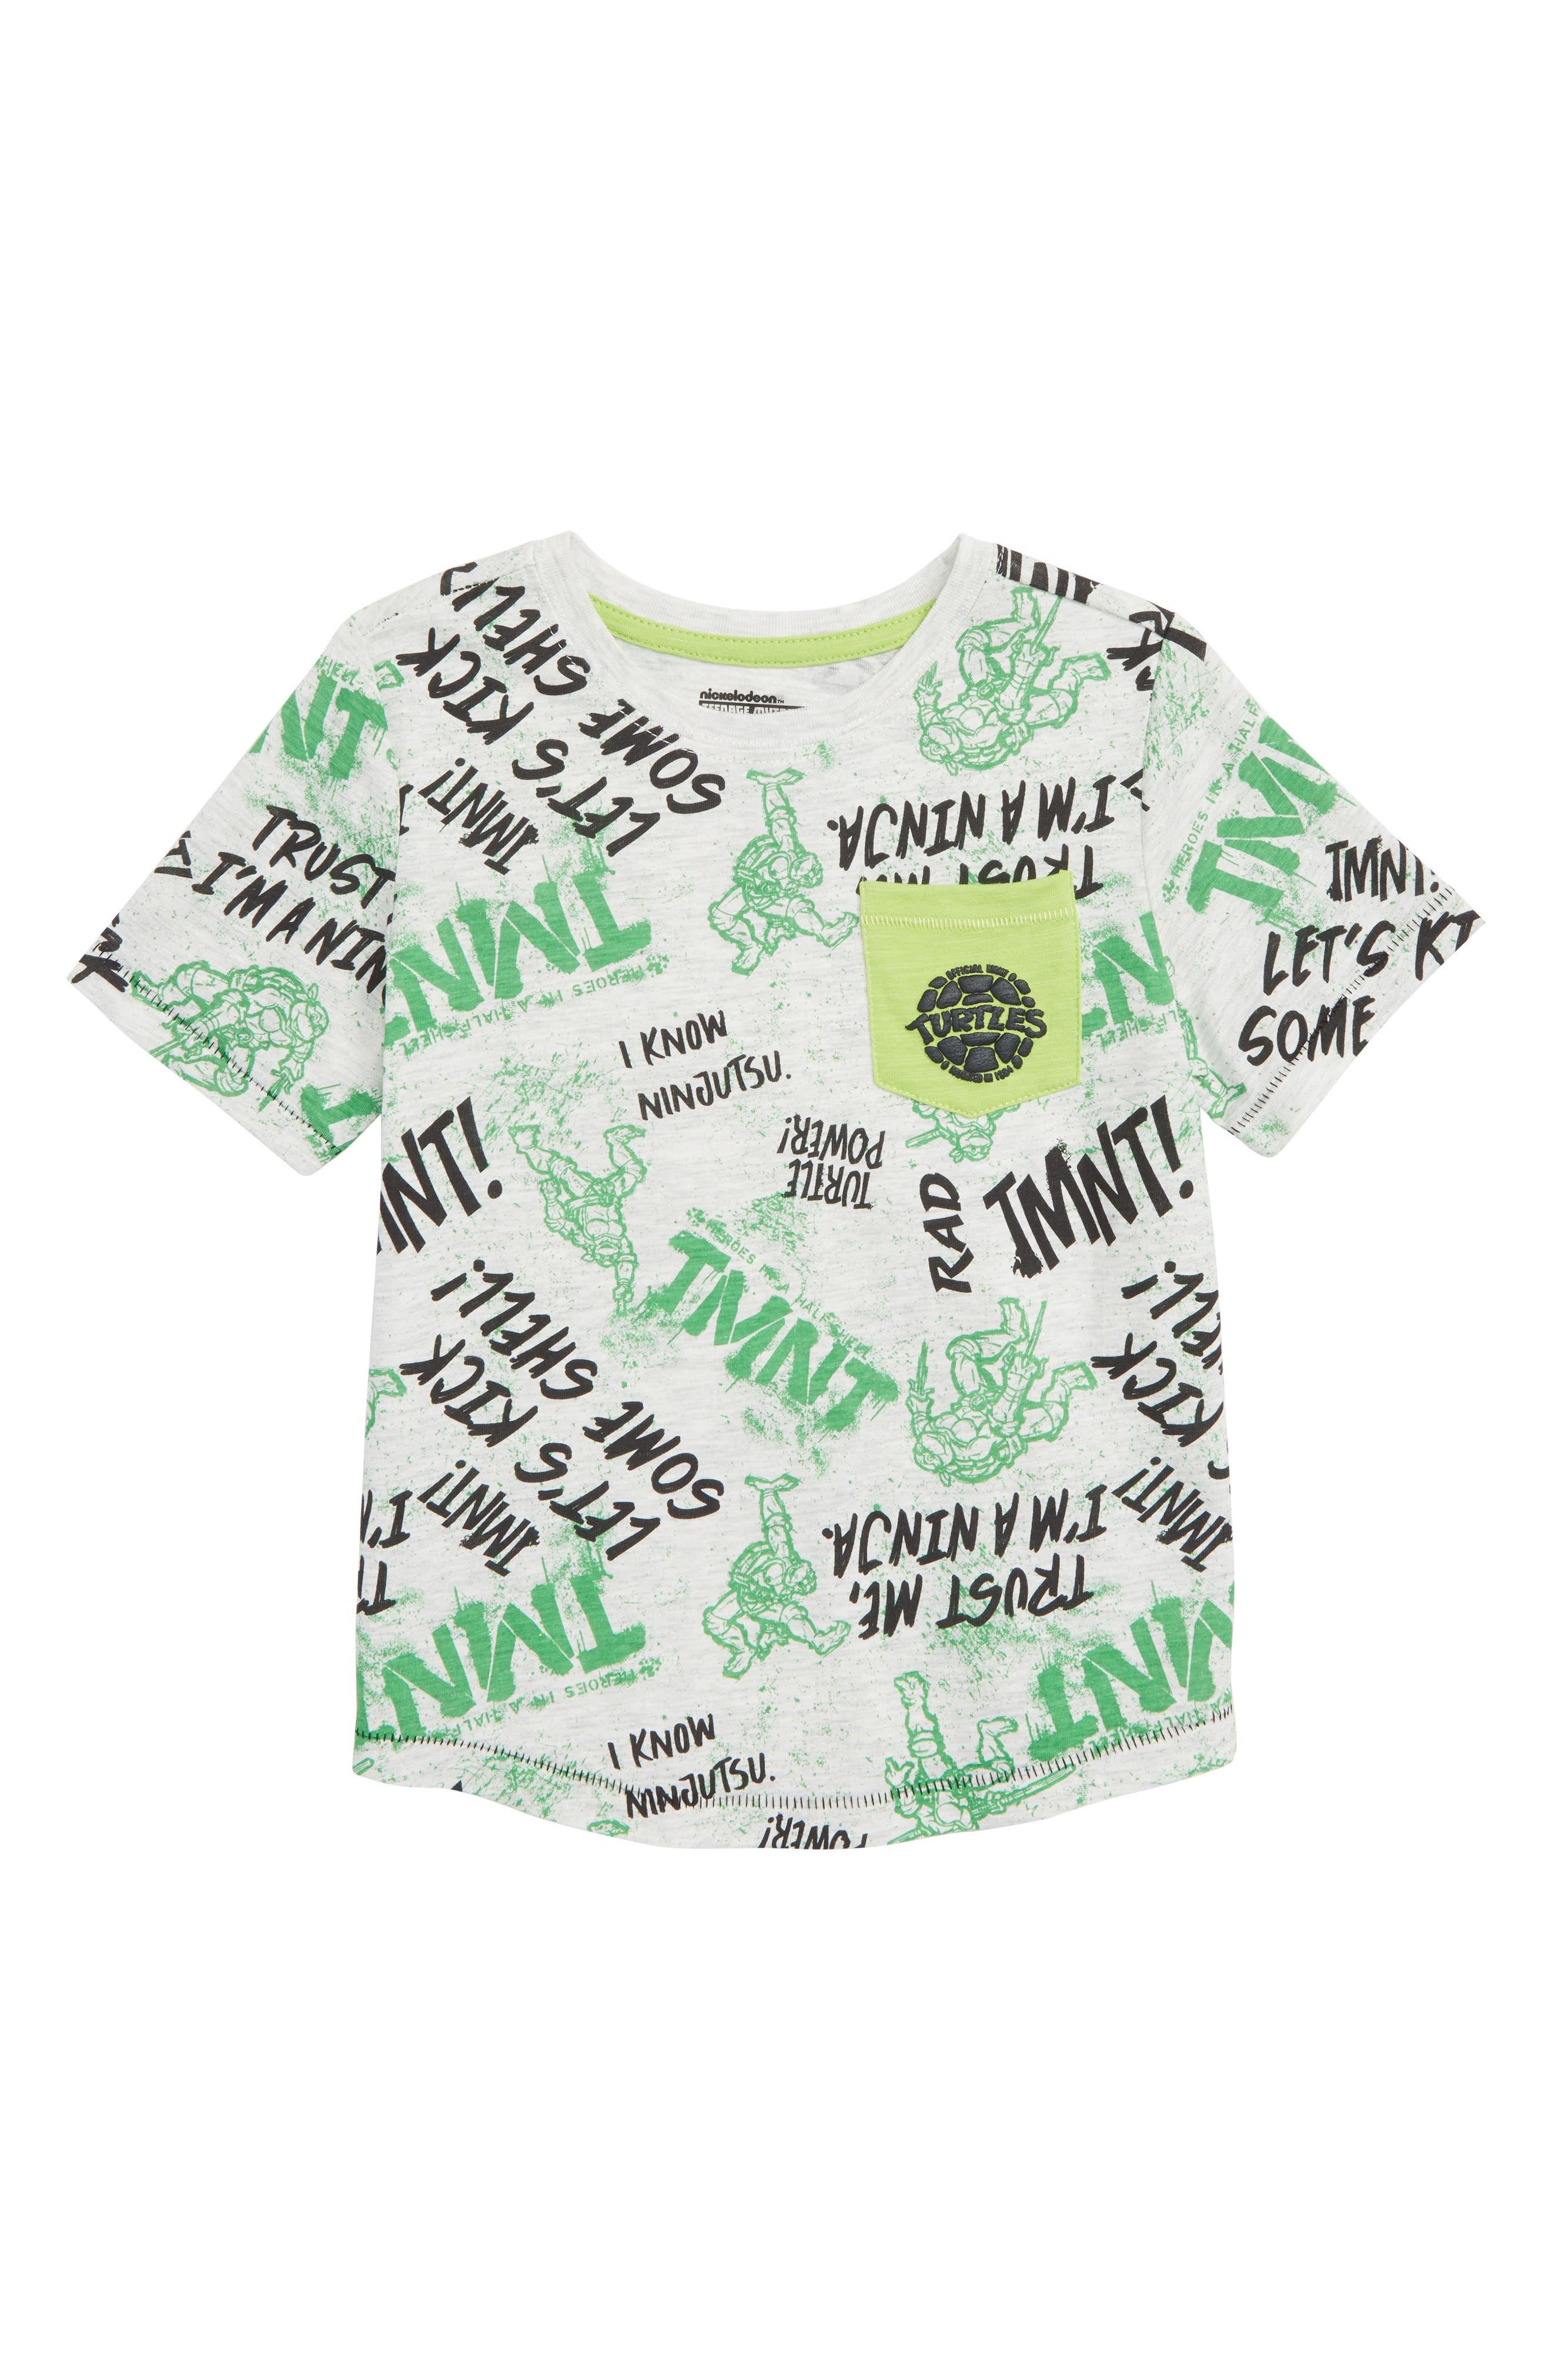 Teenage Mutant Ninja Turtles T-Shirt,                         Main,                         color, 300